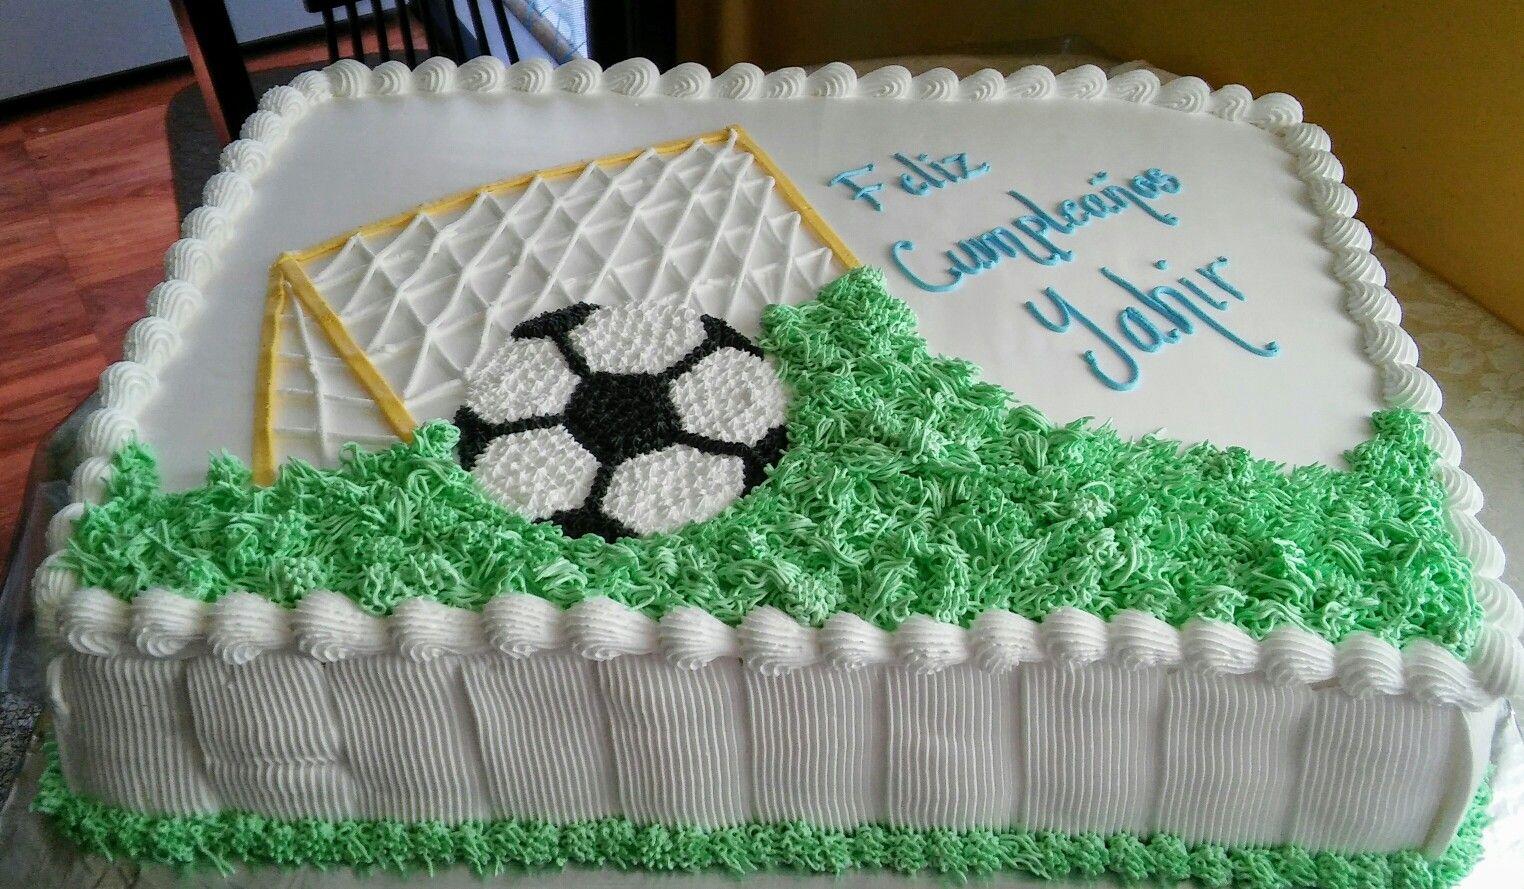 Soccer Cake Buttercream Cake Decorating Soccer Birthday Cakes Soccer Cake